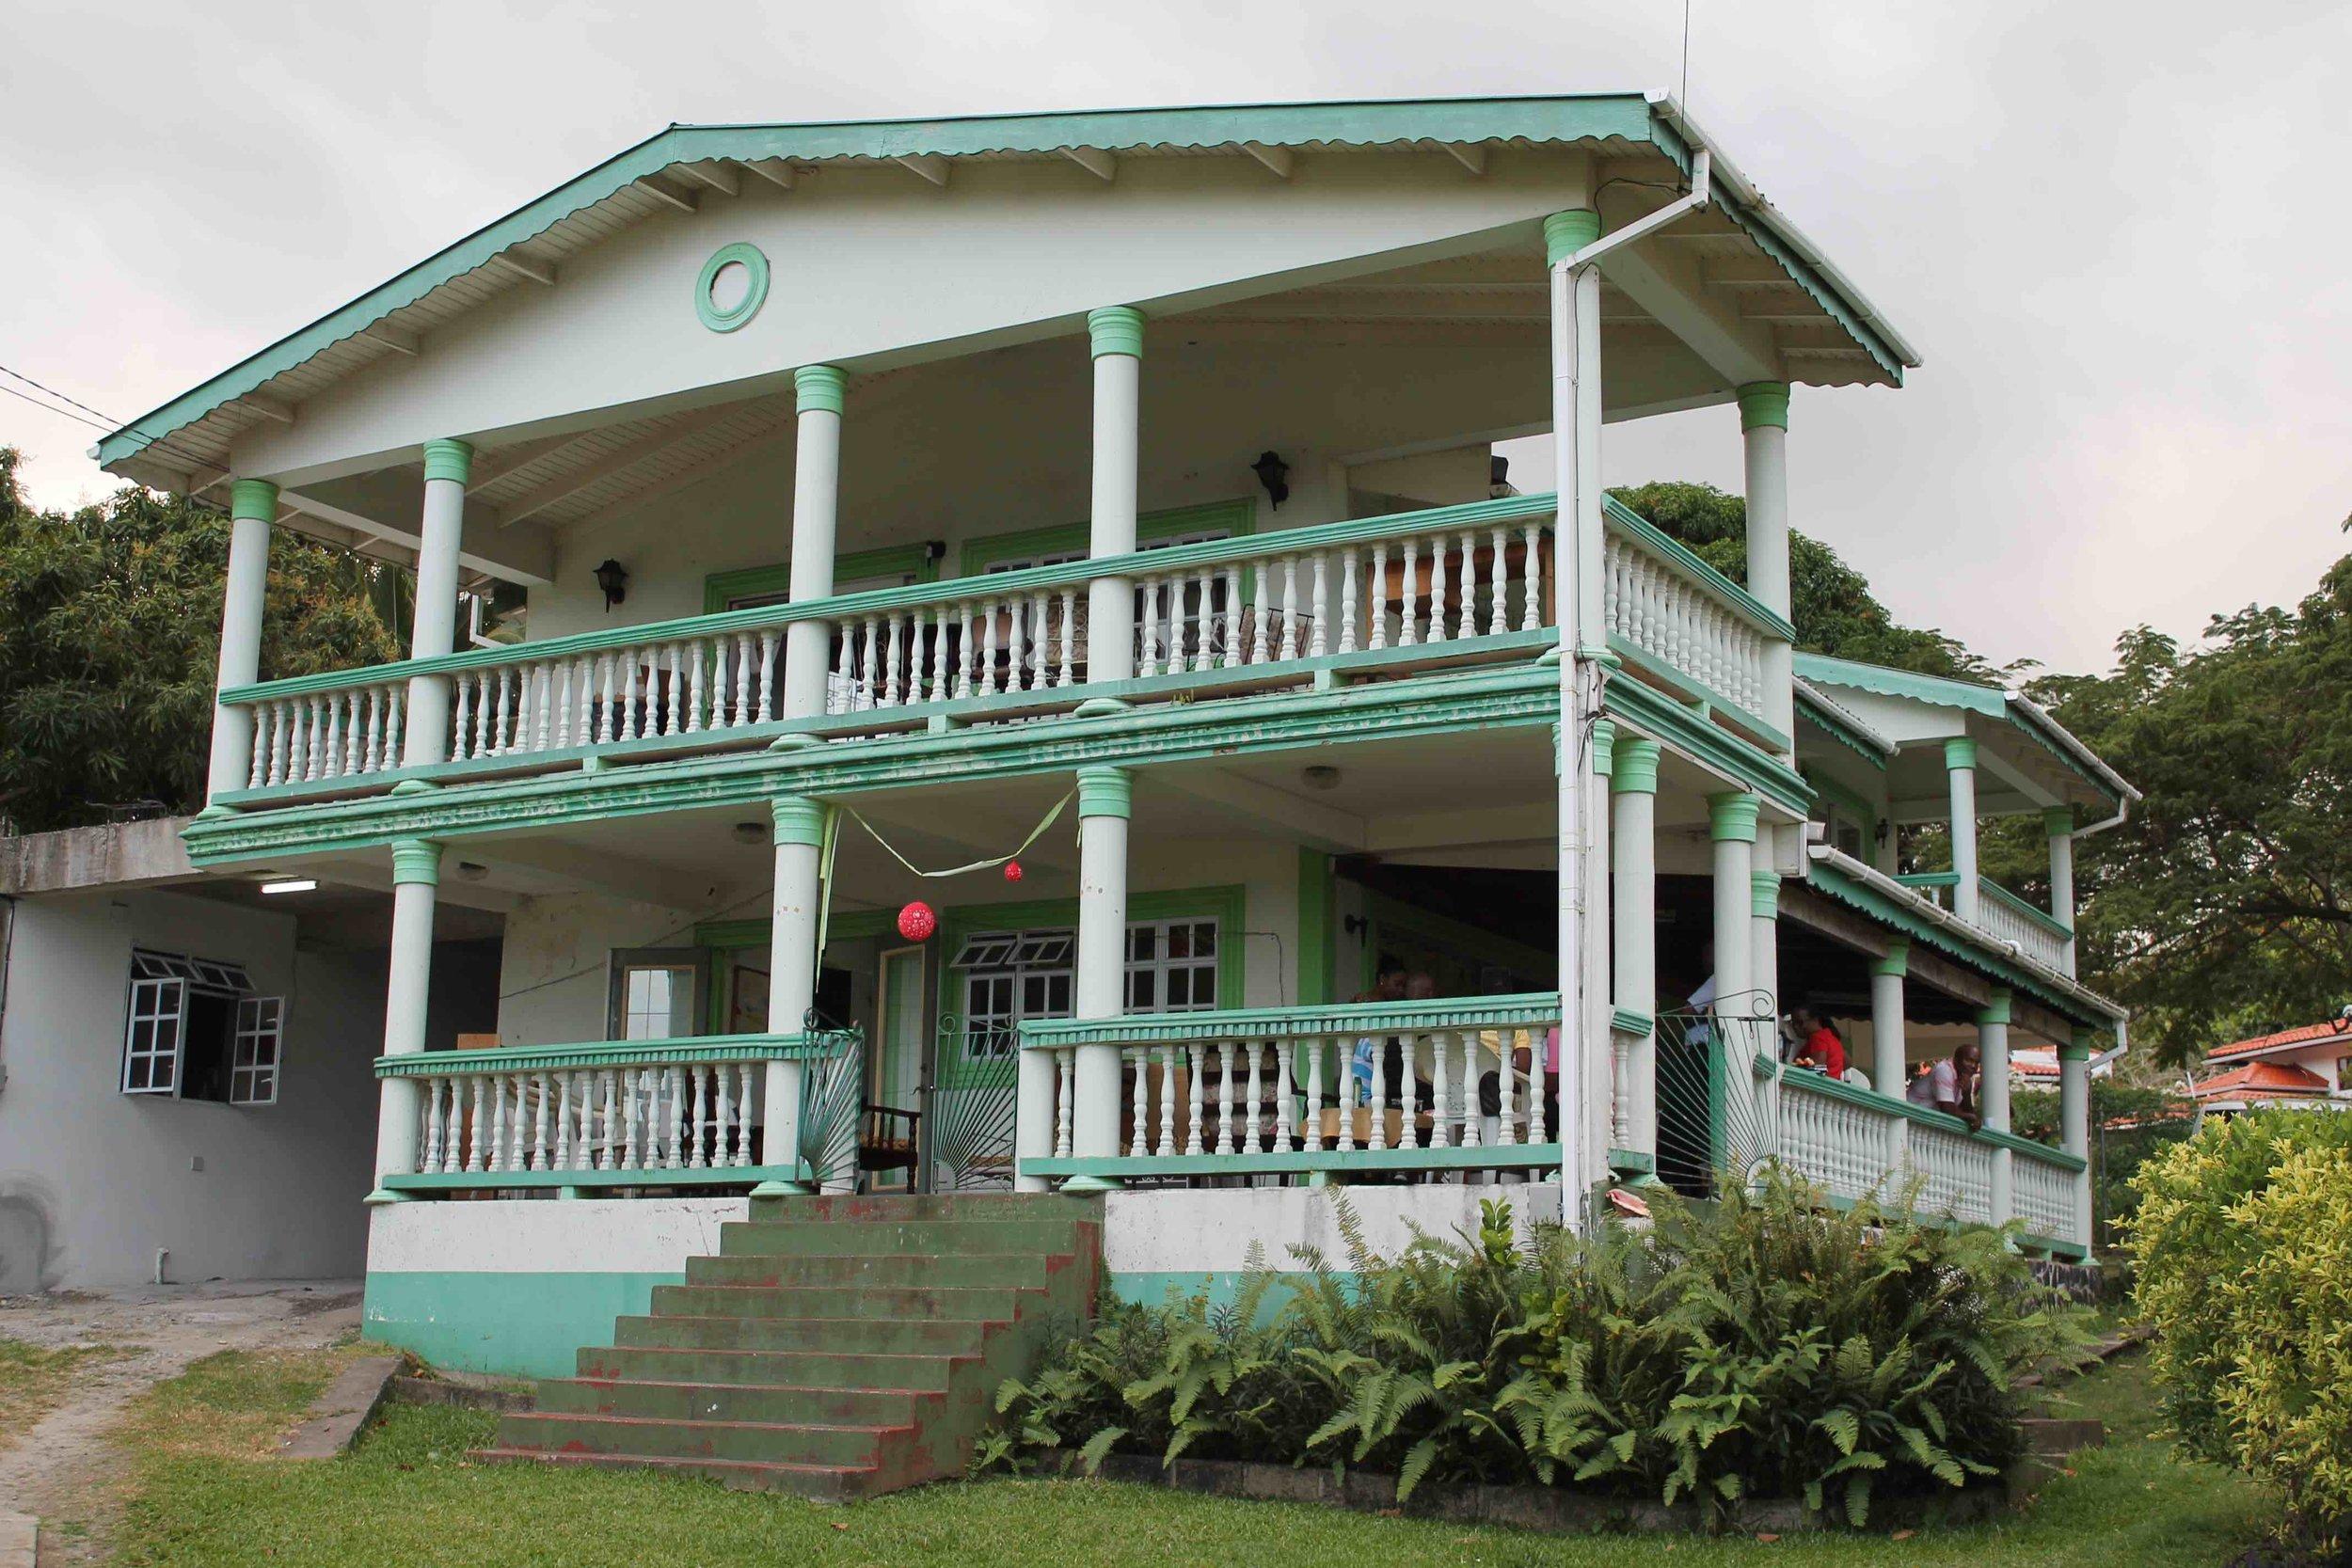 Main house at the base